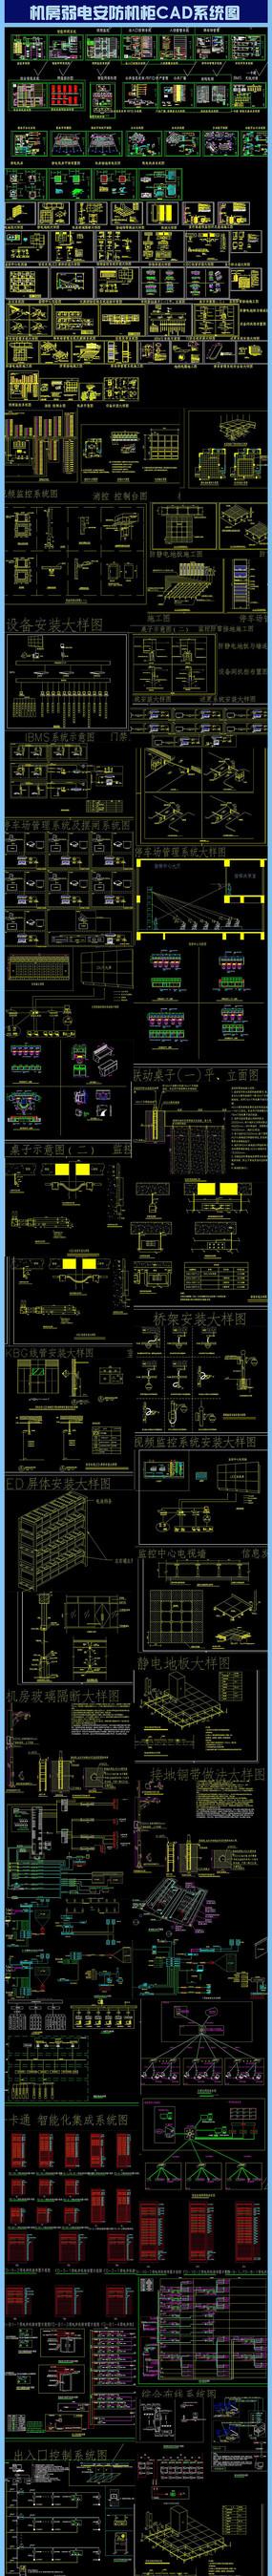 机房弱电安防机柜CAD系统图